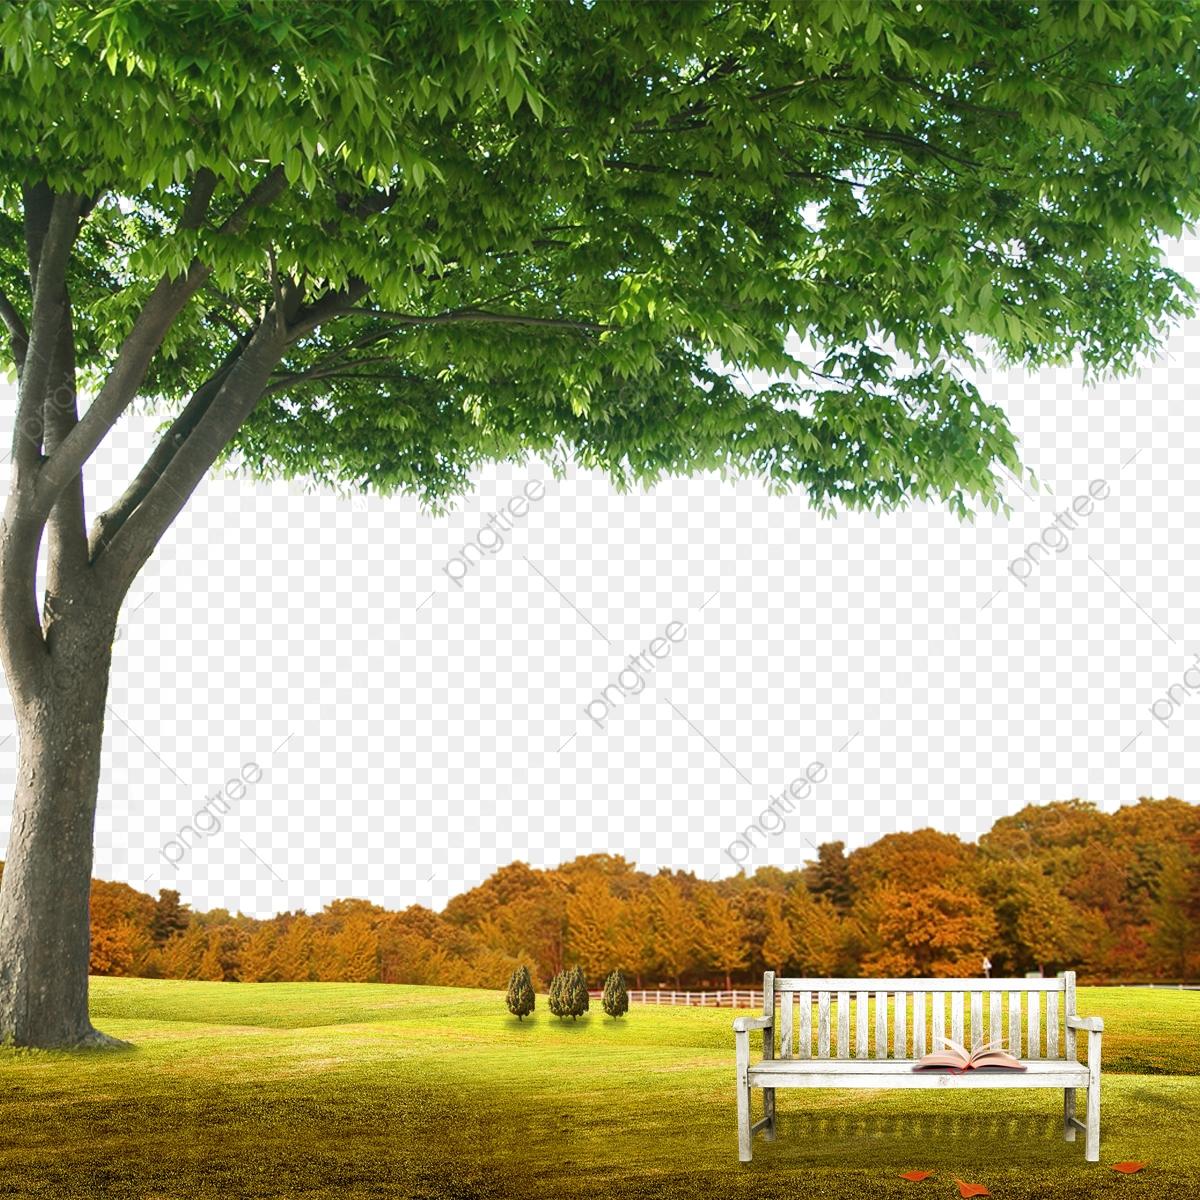 Garden Background Scene With Natural Background, Garden, Vacation.